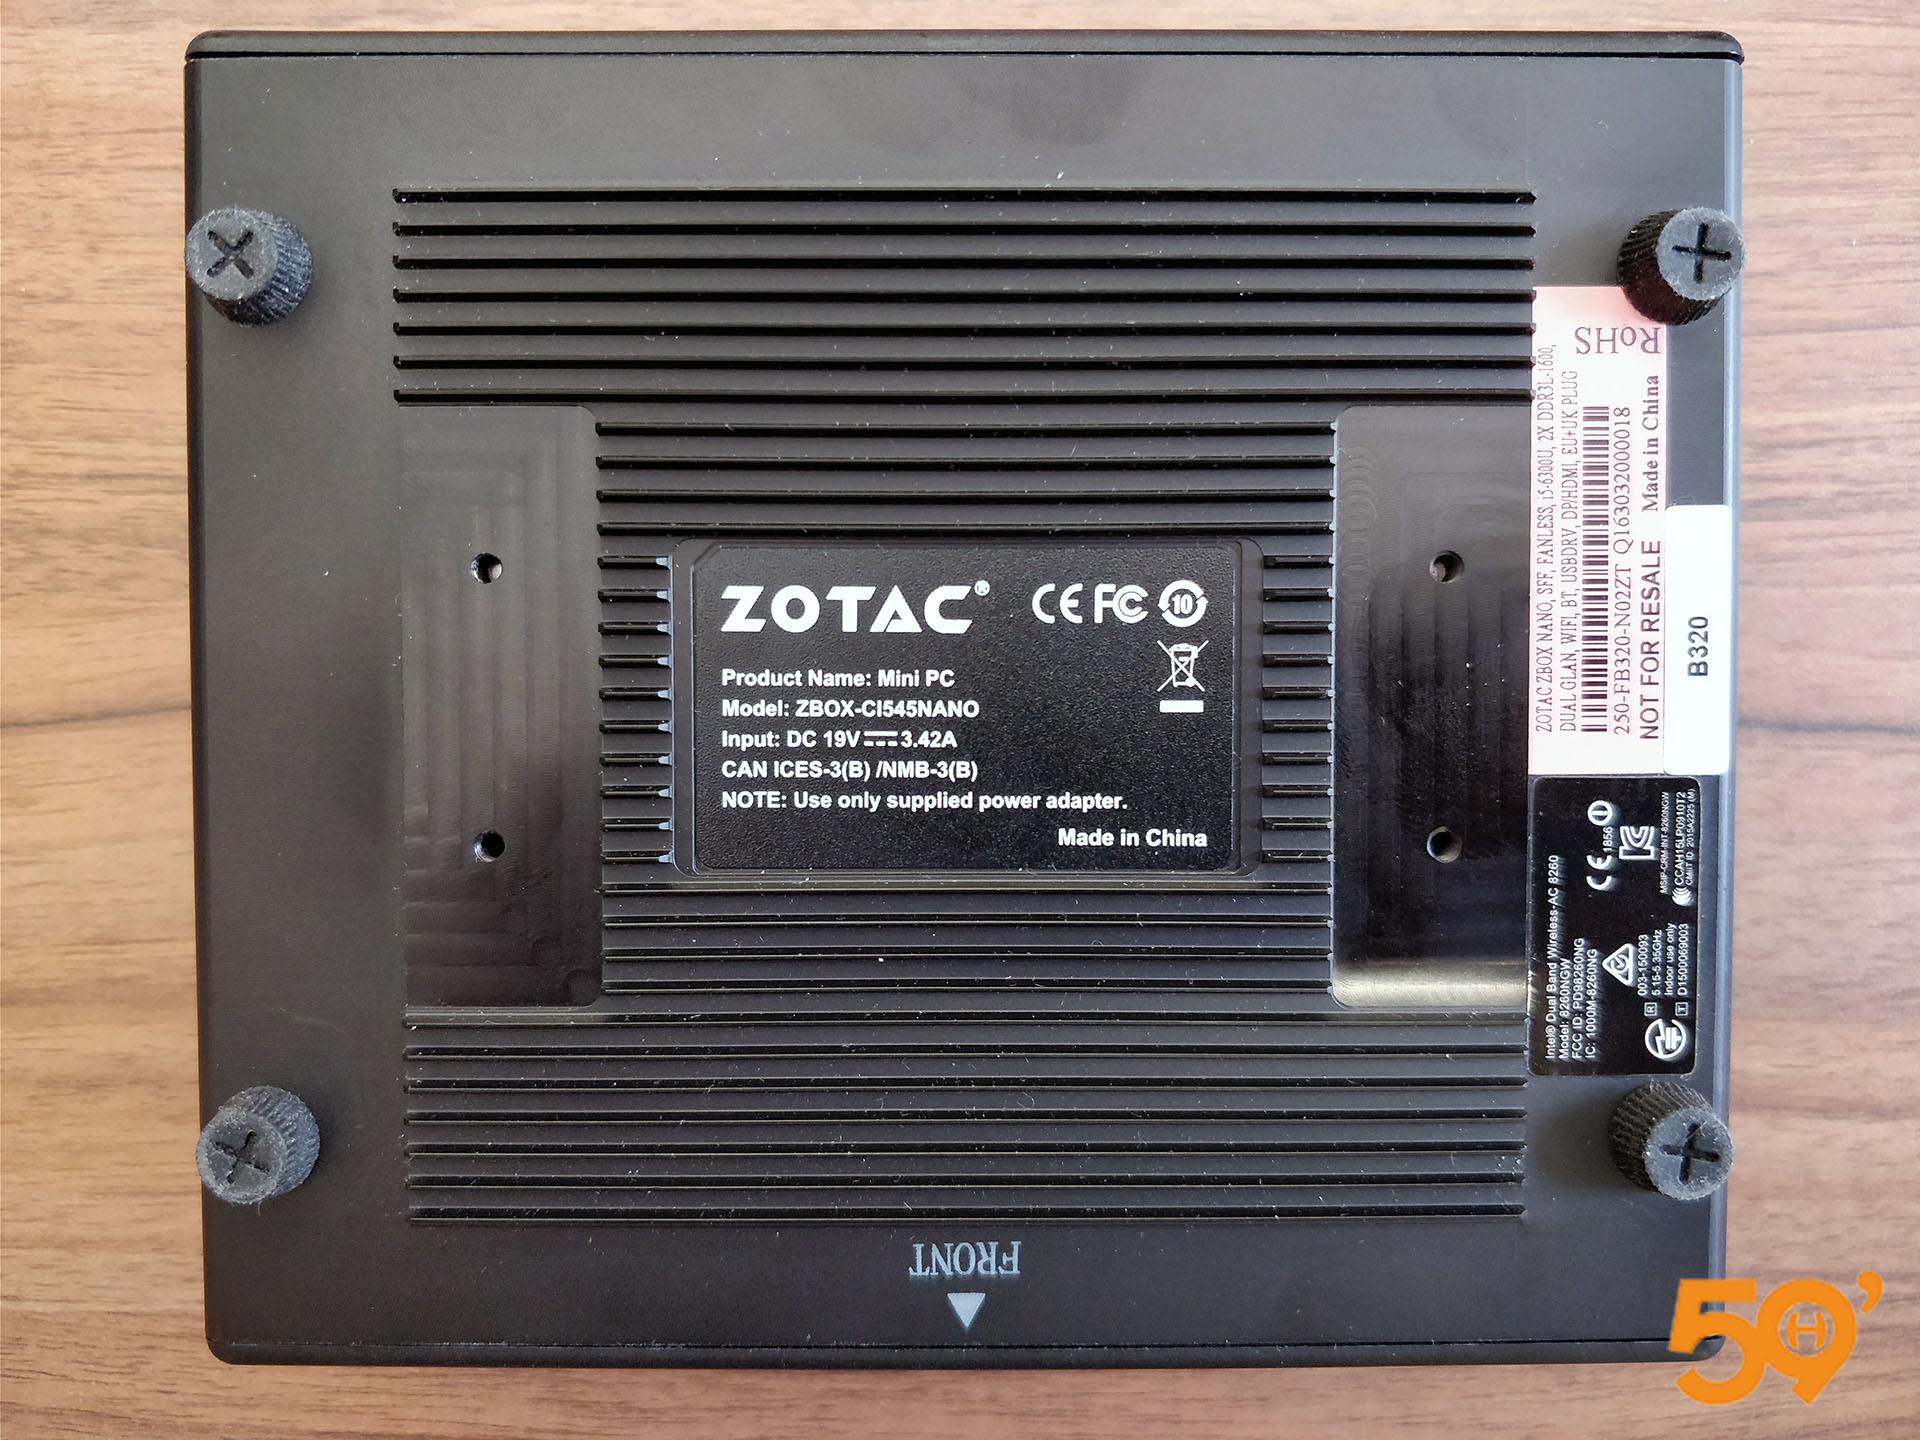 Zotac CI545Nano 516